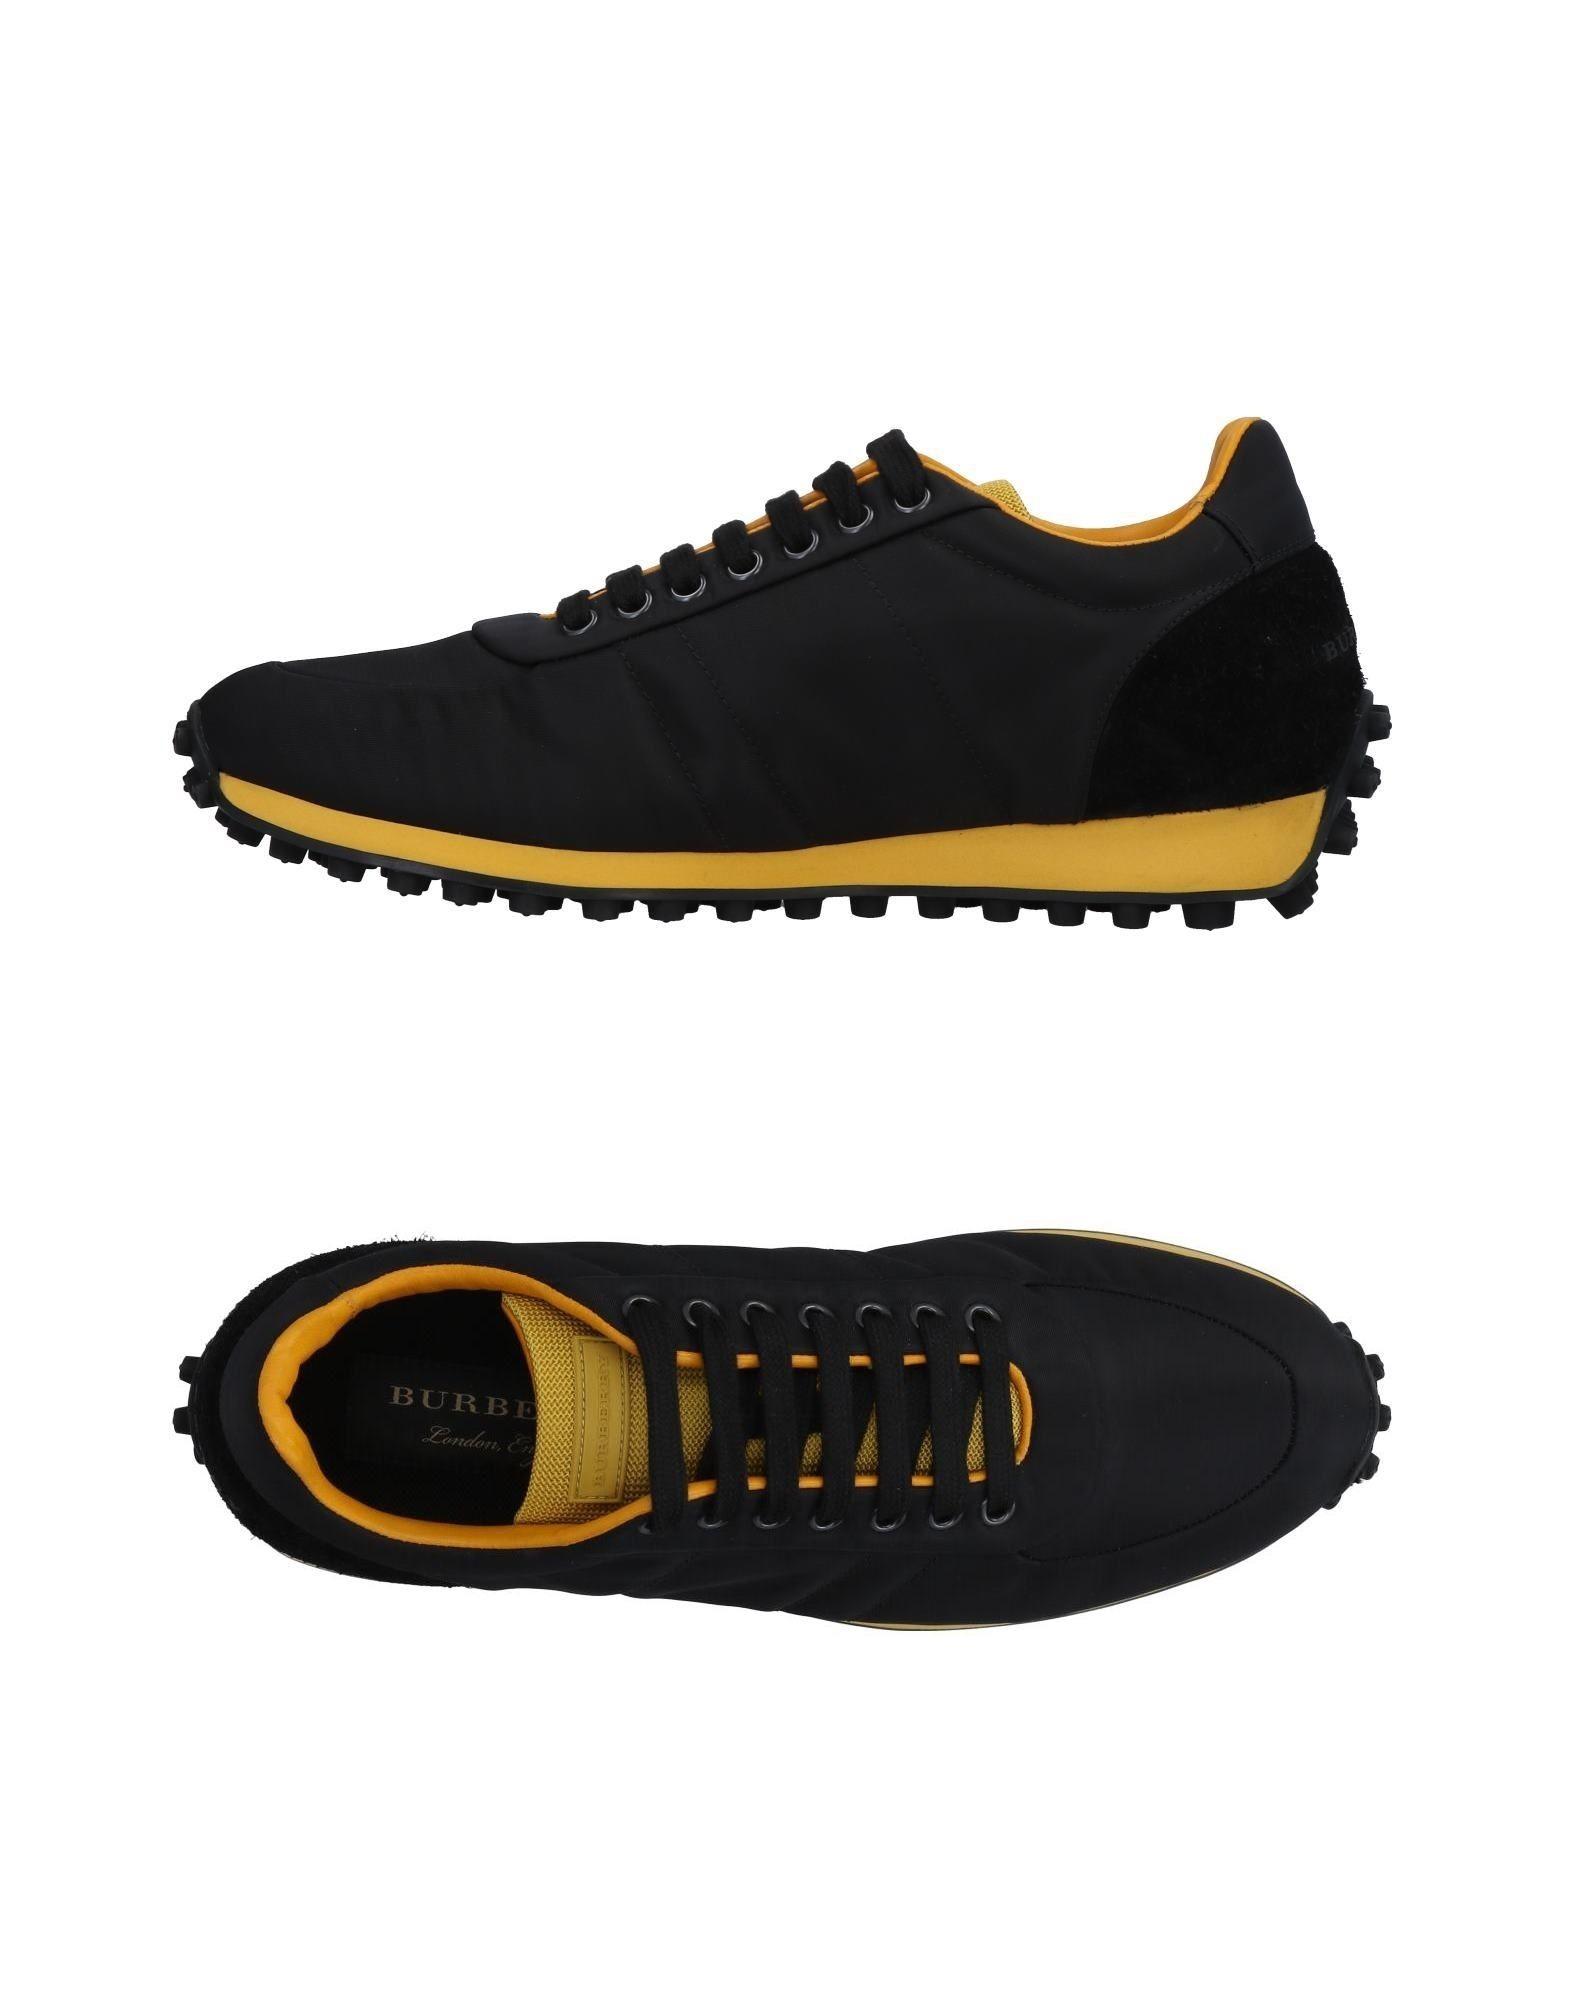 Moda Sneakers Burberry Uomo Uomo Burberry - 11482567DB 5cb42e